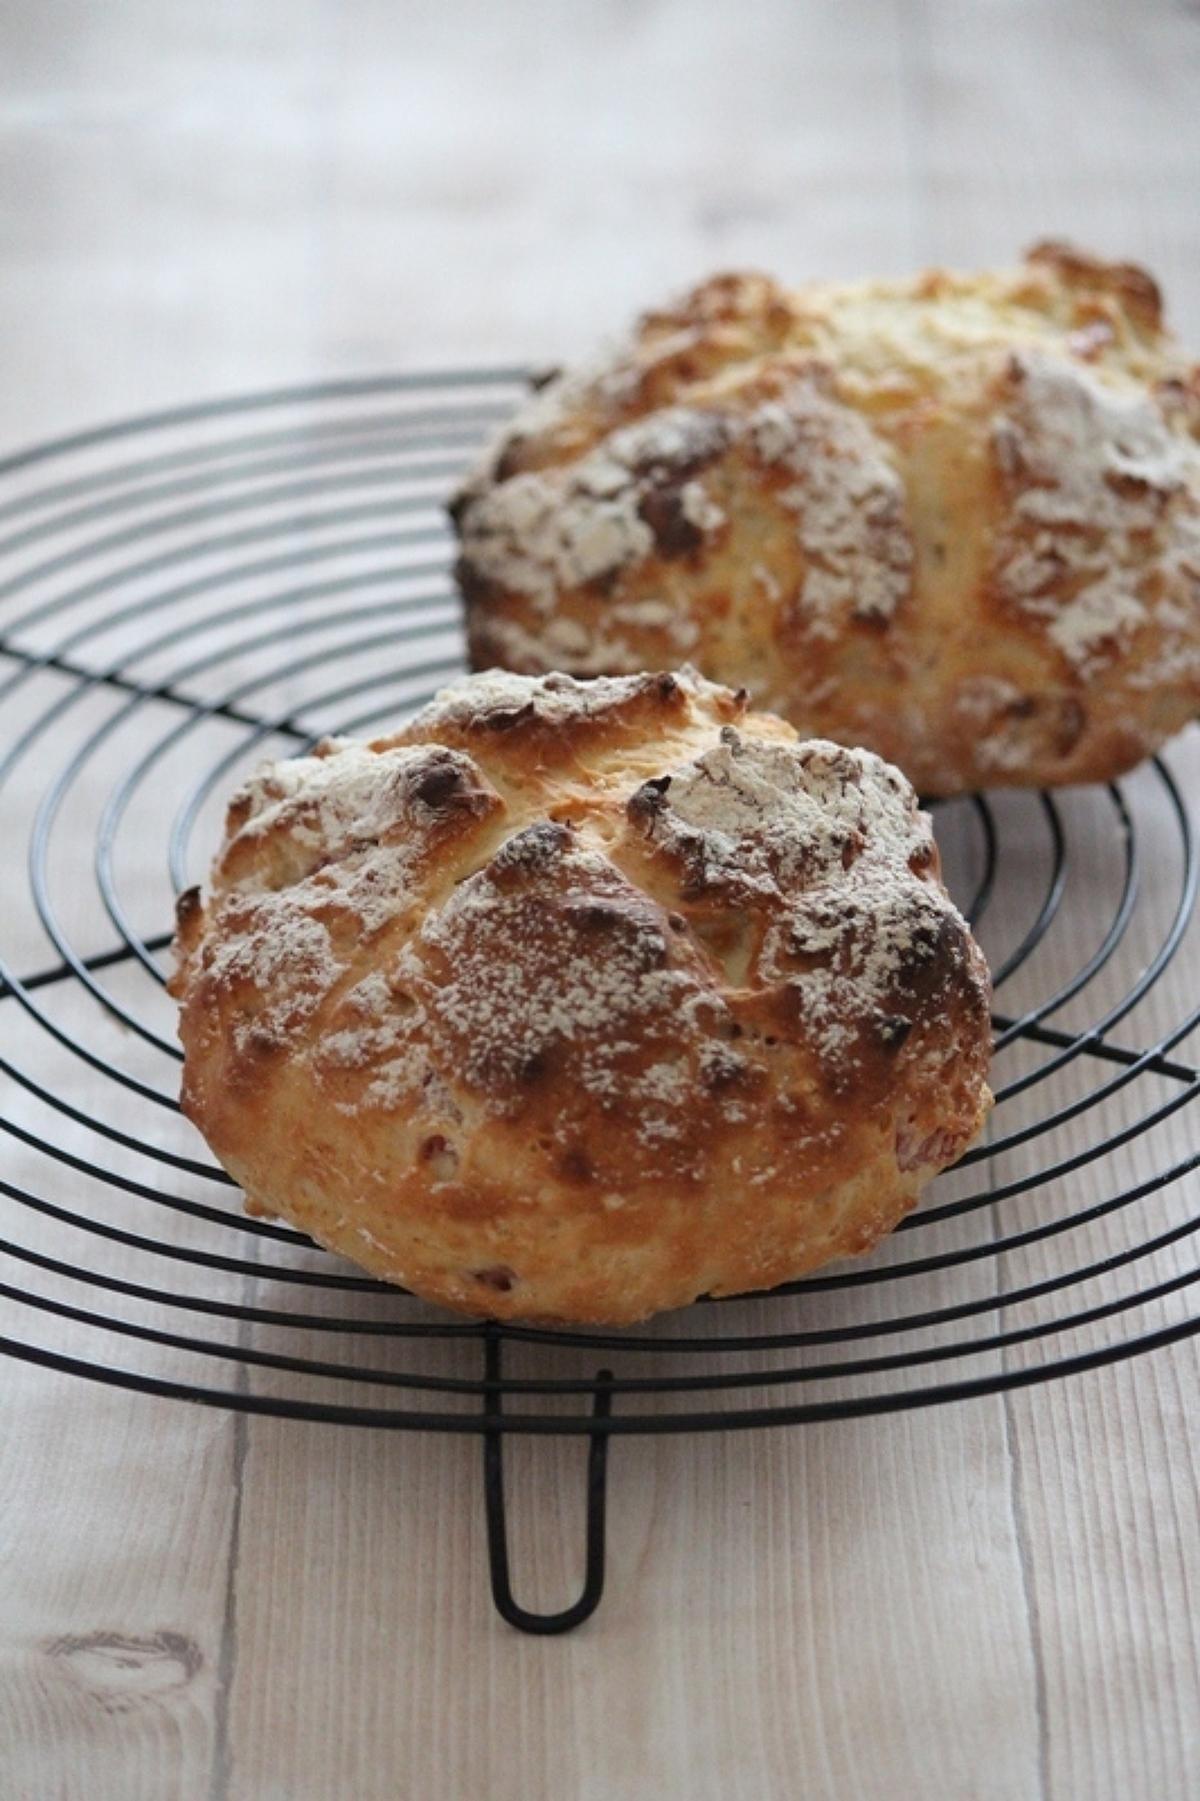 初心者さんも安心!初めてでも簡単に作れるパンの作り方まとめ!のサムネイル画像